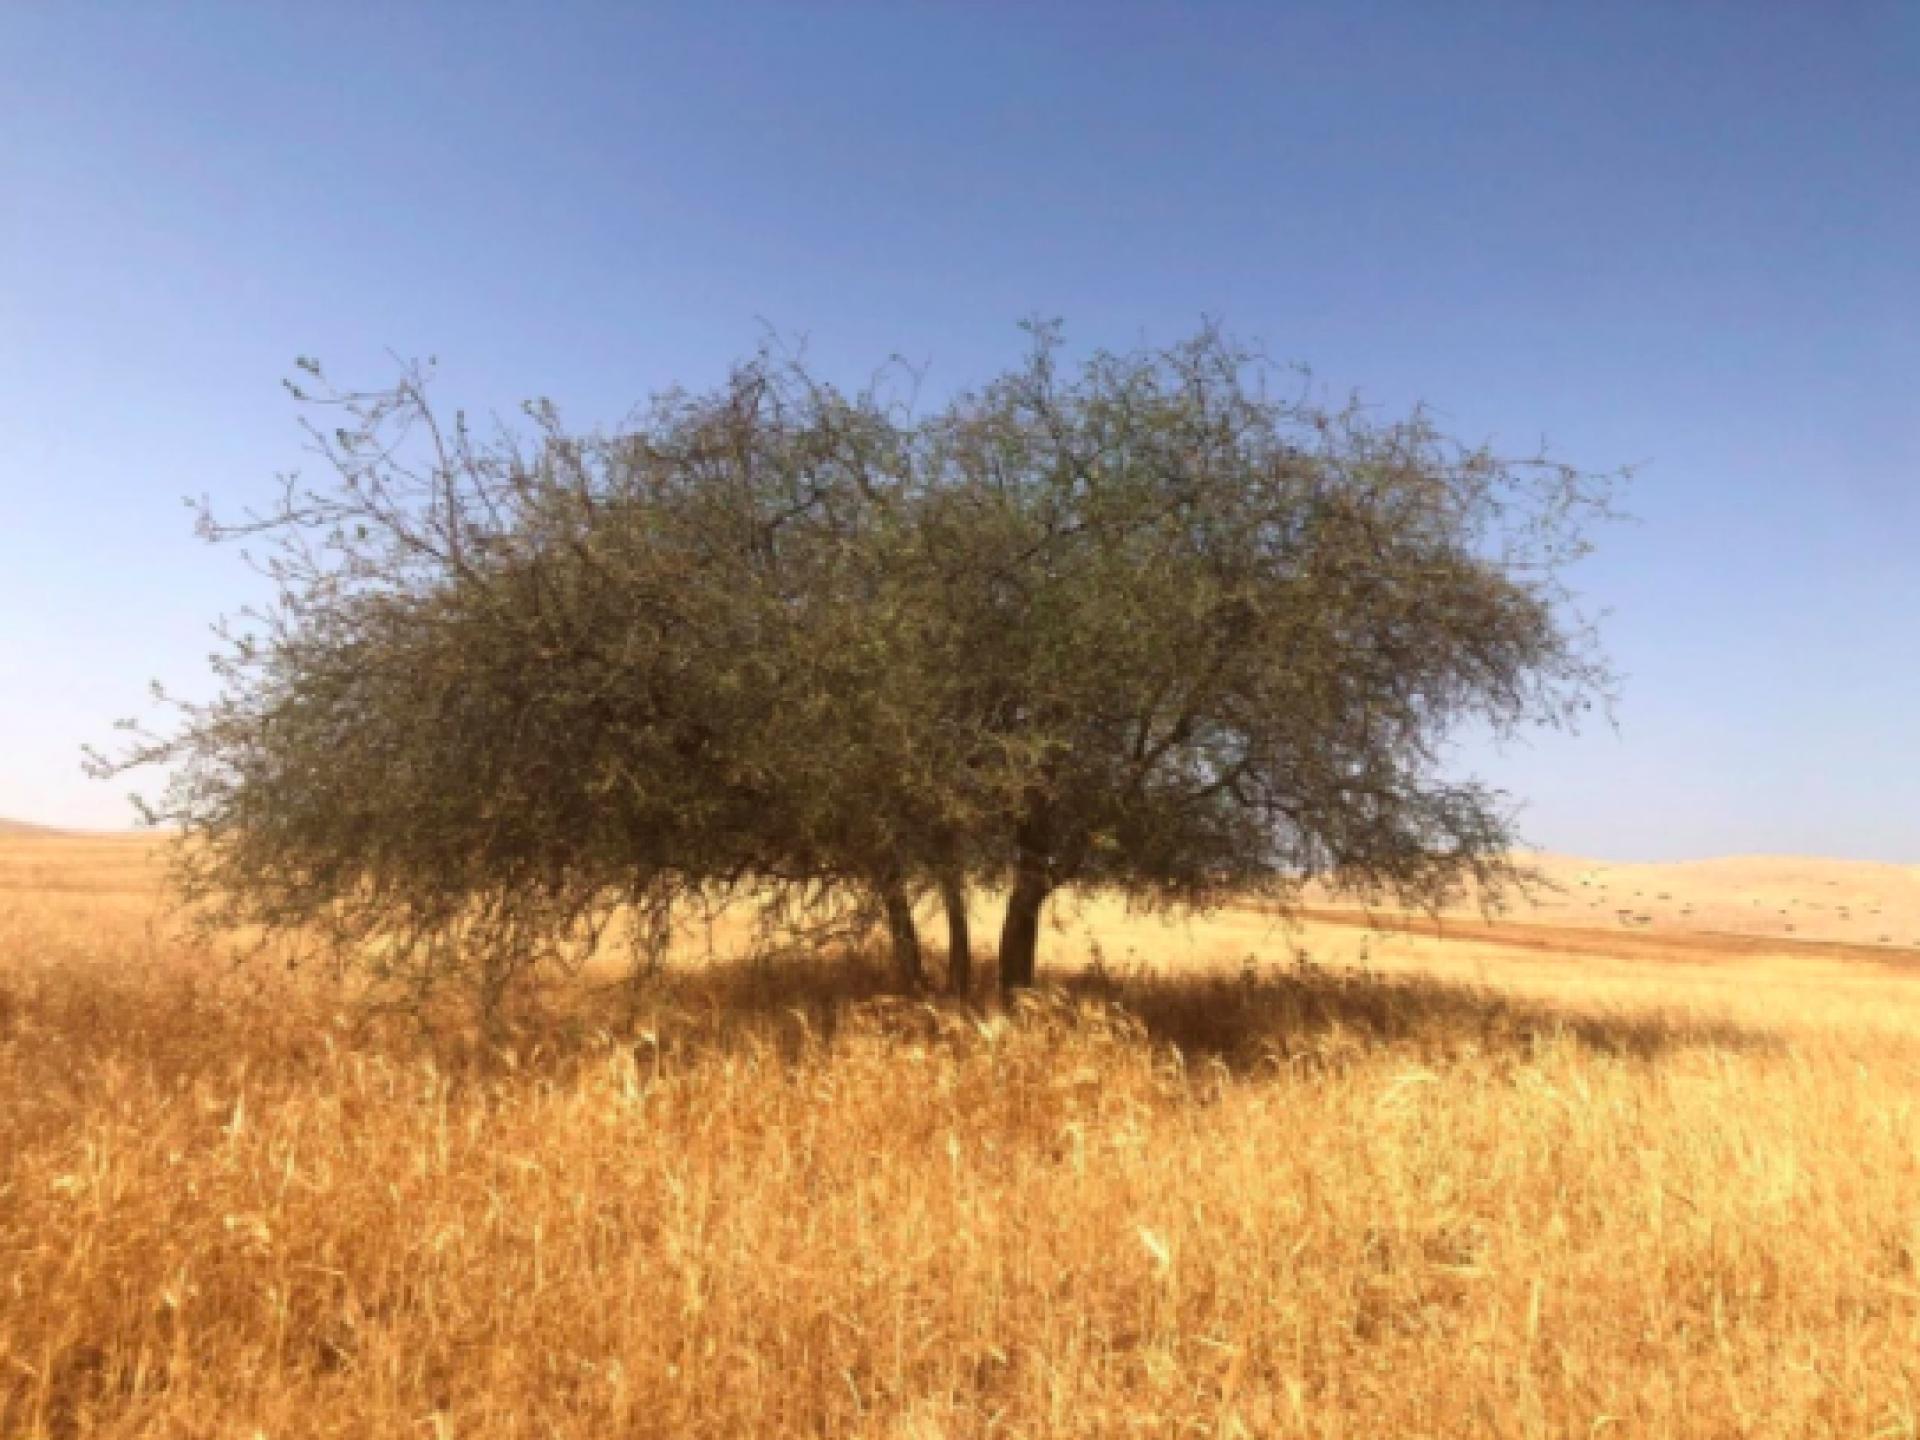 עץ צאלה בודד בתוך שדה חיטה עם שמים כחולים